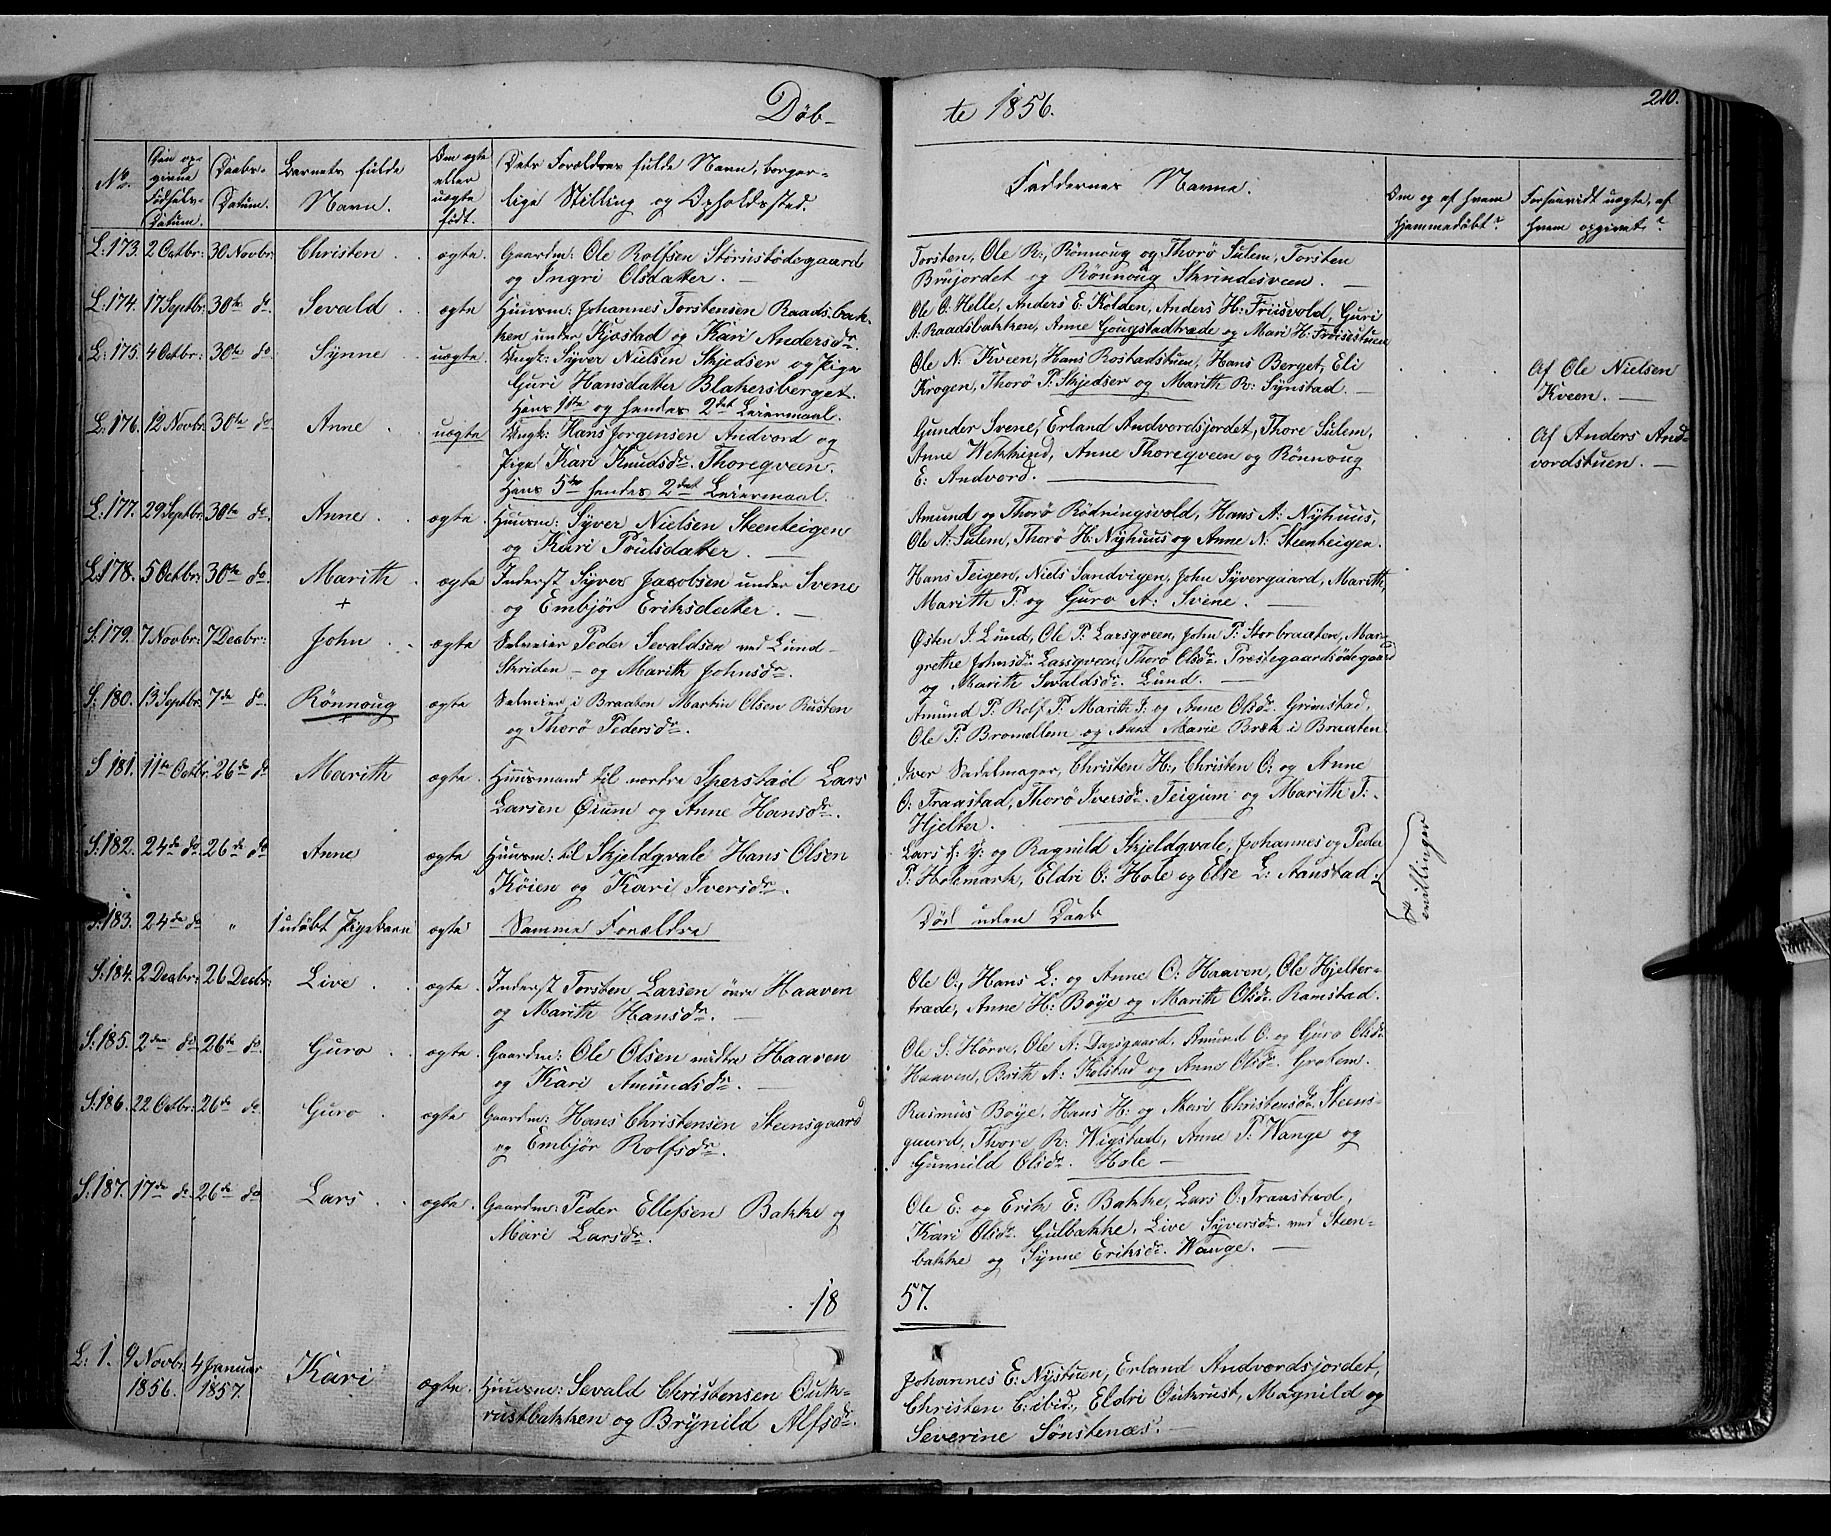 SAH, Lom prestekontor, K/L0006: Ministerialbok nr. 6A, 1837-1863, s. 210